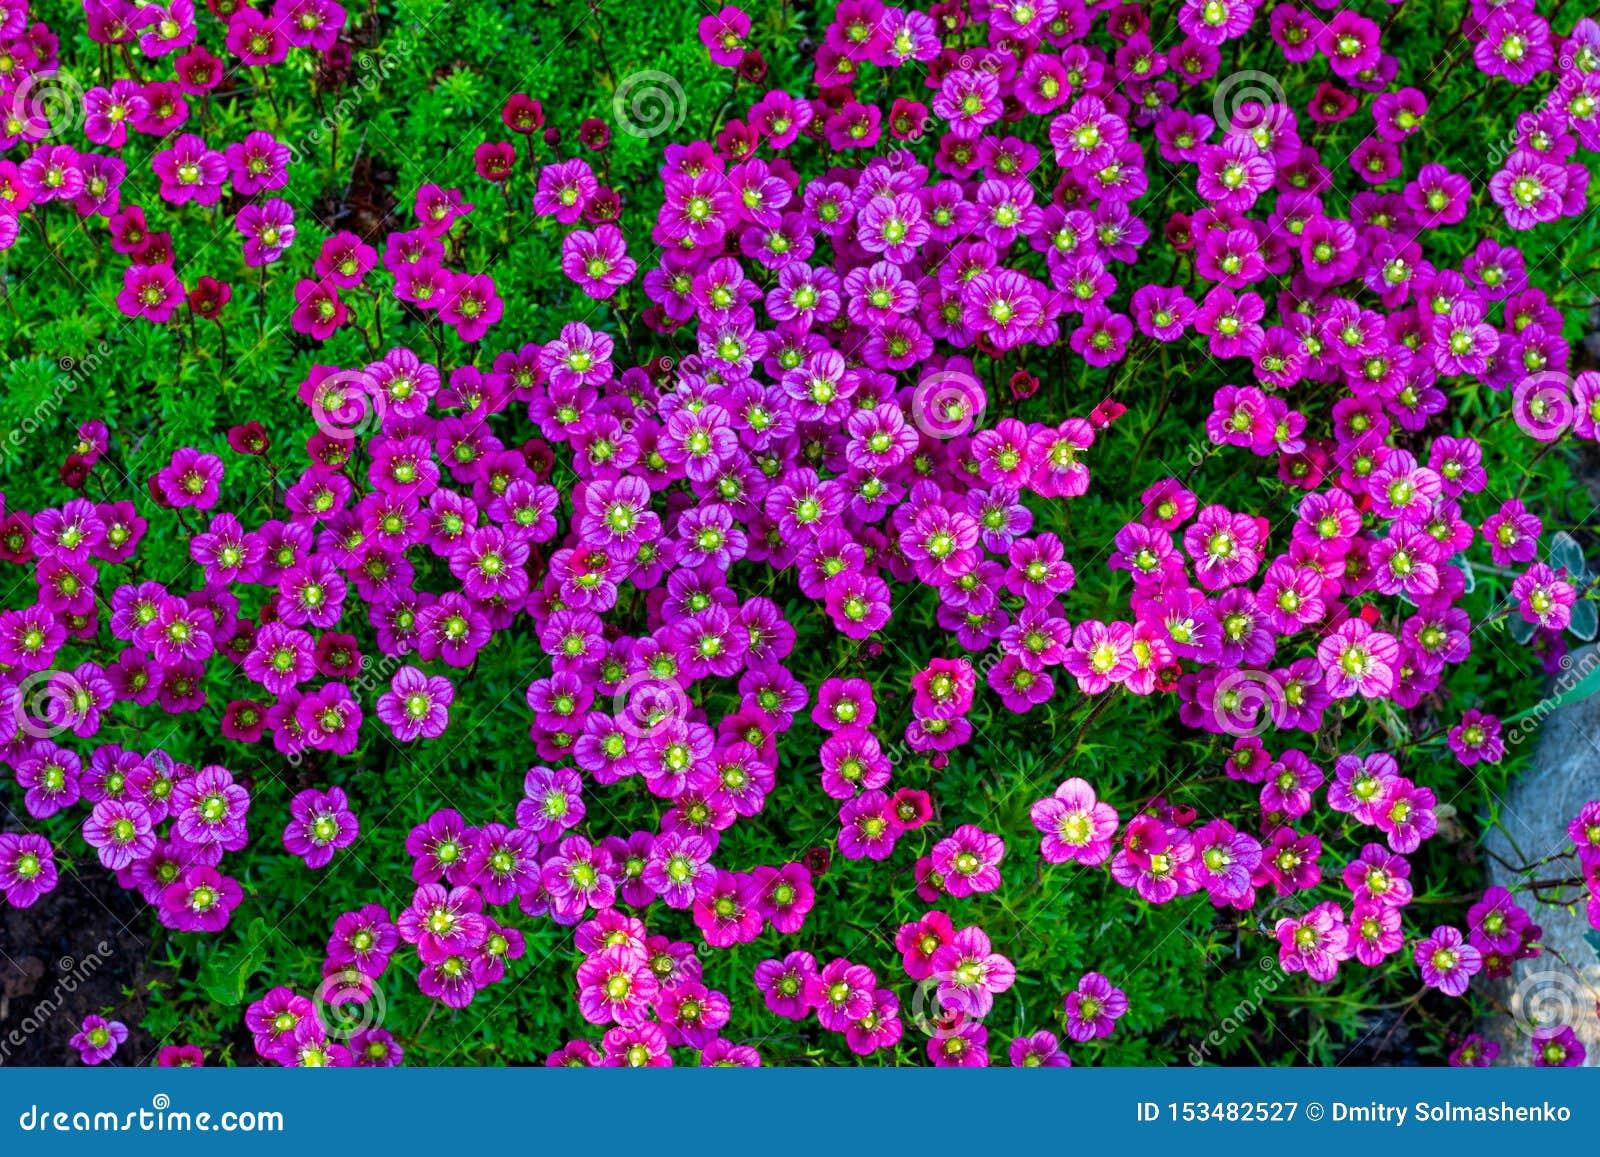 Fond floral des fleurs roses de la saxifrage, floraison de ressort de saxifrage, petites fleurs roses